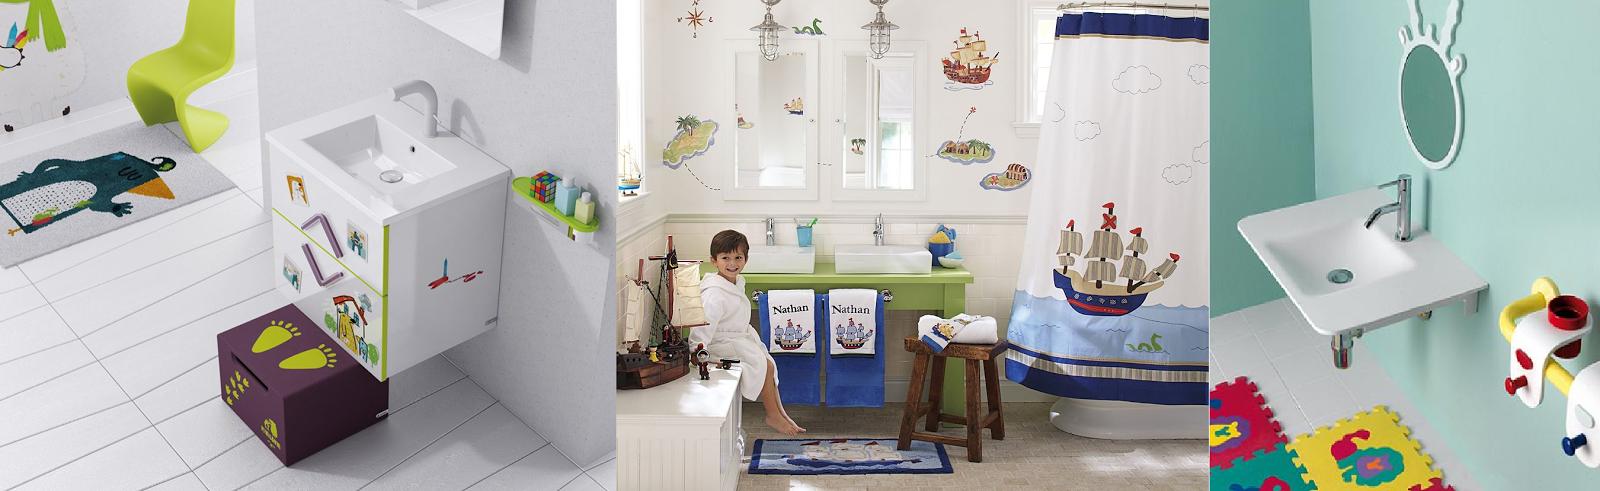 Decorar Baño Infantil:Como decorar el baño infantil – CASAS IDEAS